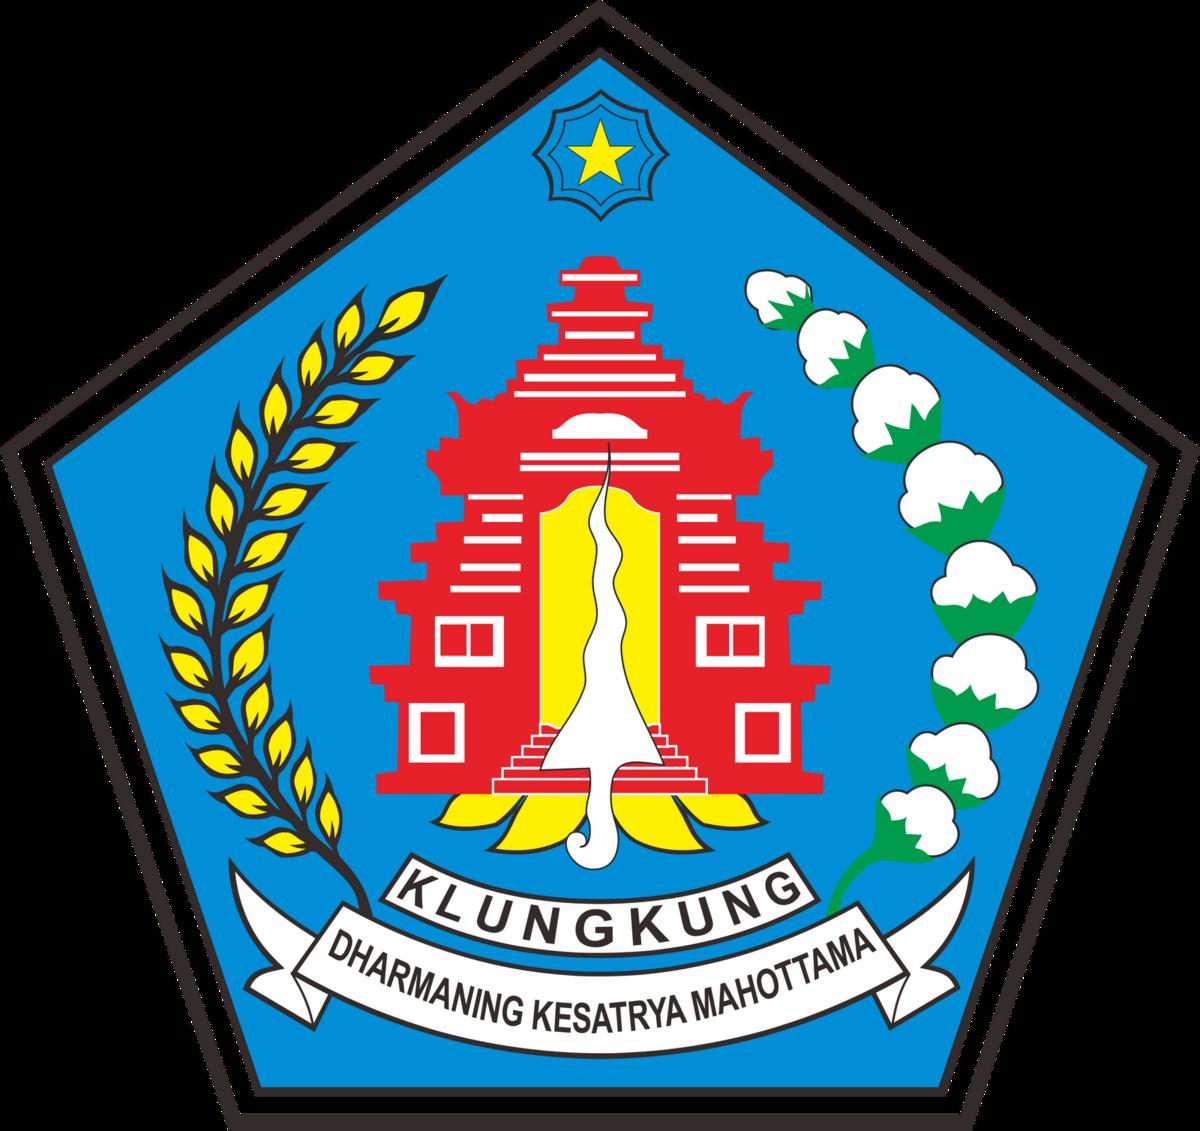 Berkas Lambang Kabupaten Klungkung Png Wikipedia Bahasa Indonesia Ensiklopedia Bebas